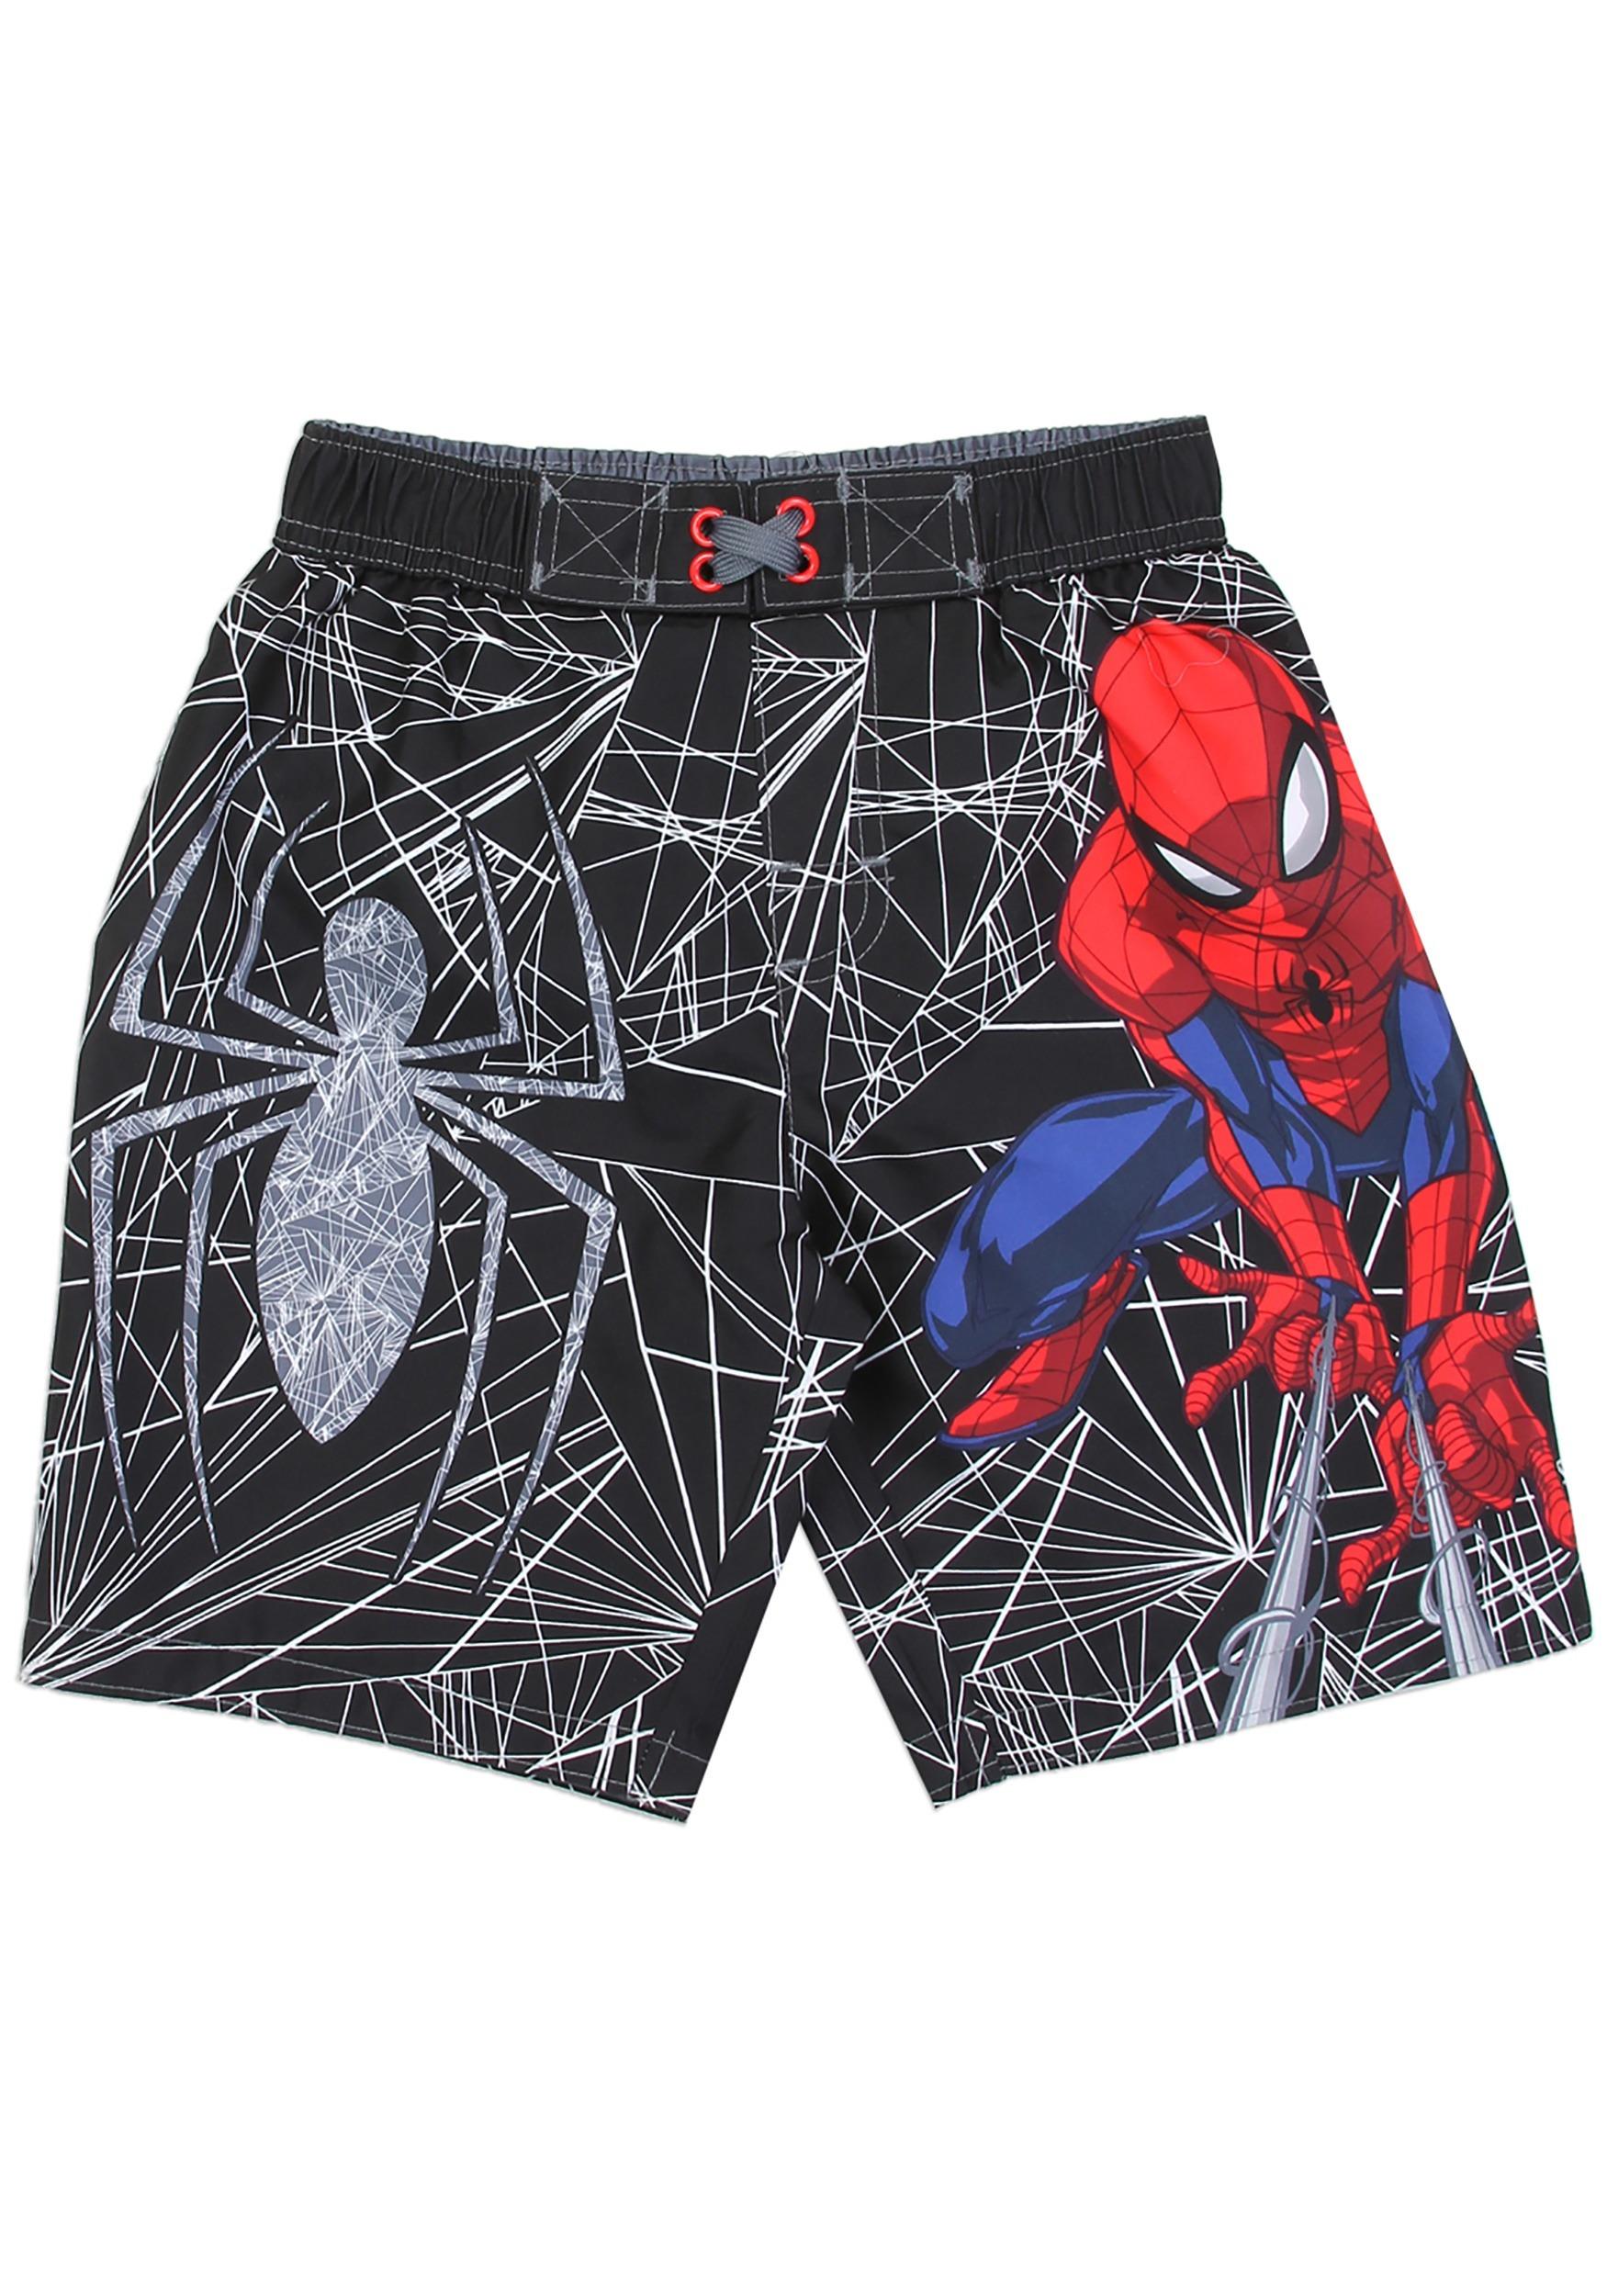 50c43610a5 Spider-Man Boys Swim Shorts1